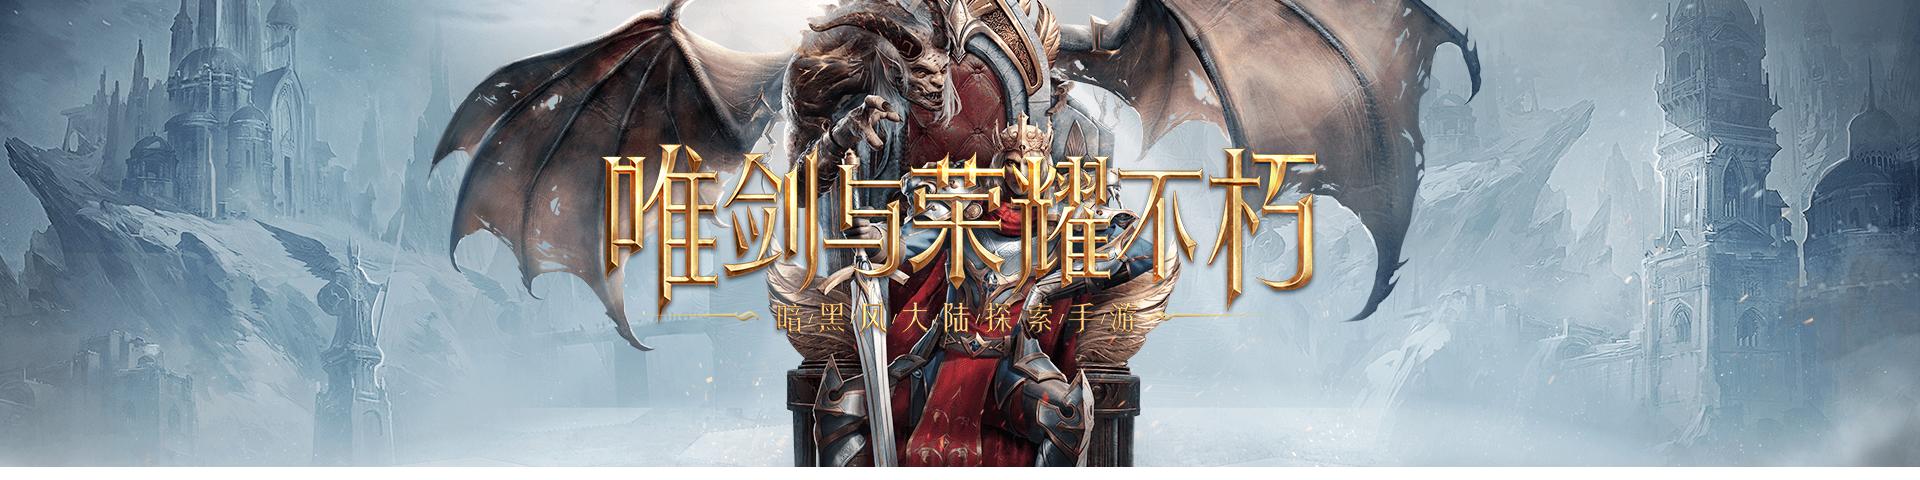 剑与英雄九游版v1.4.0 uc版